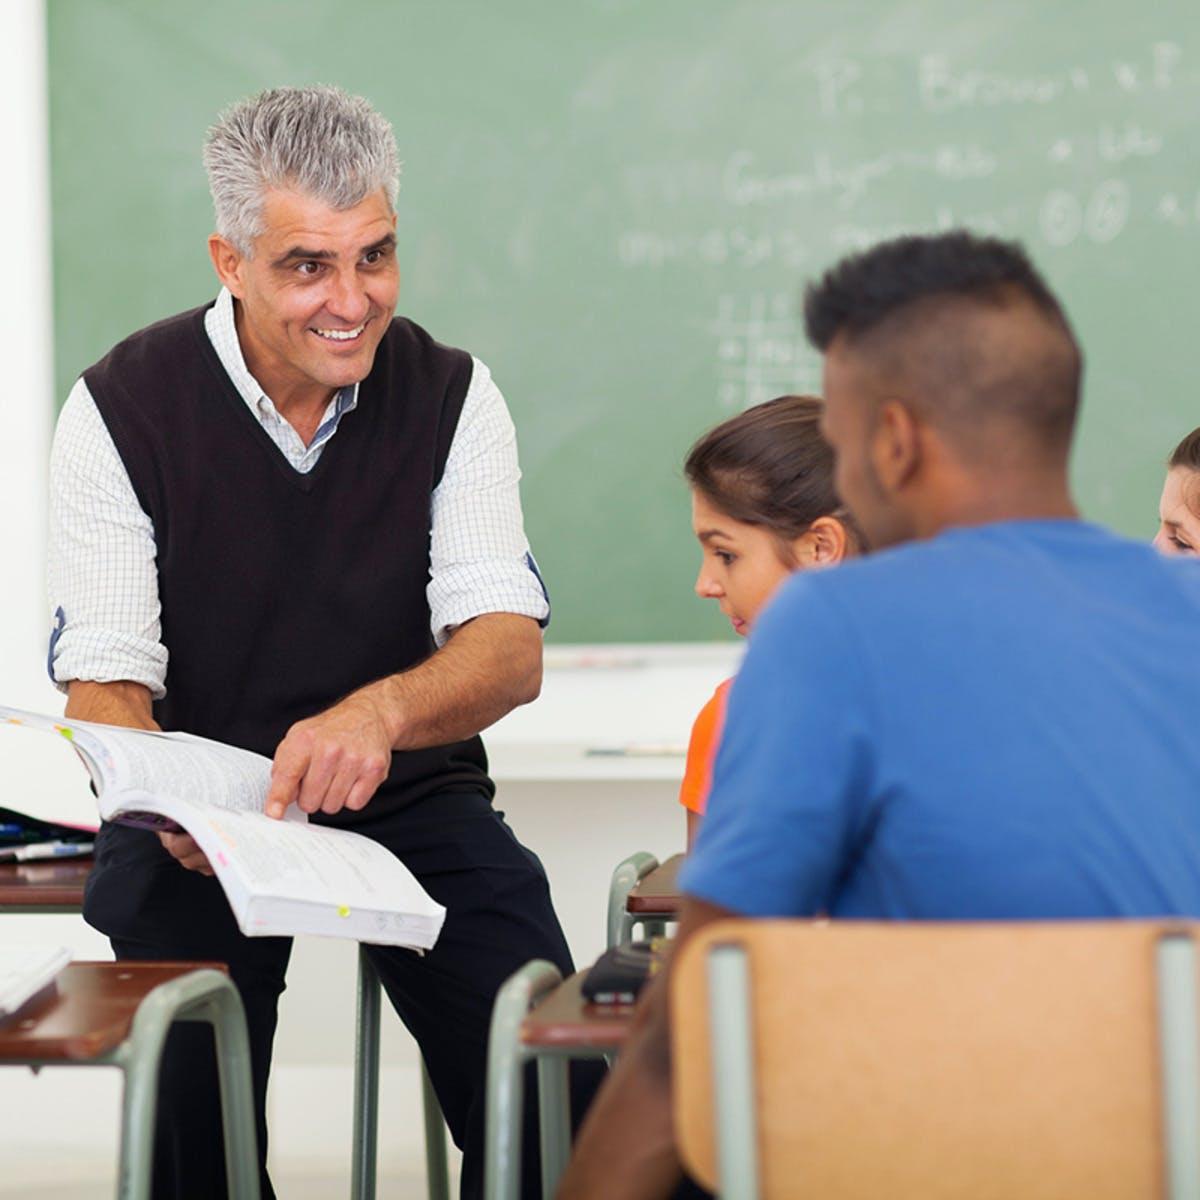 Обучай английскому сейчас! План урока иаттестация